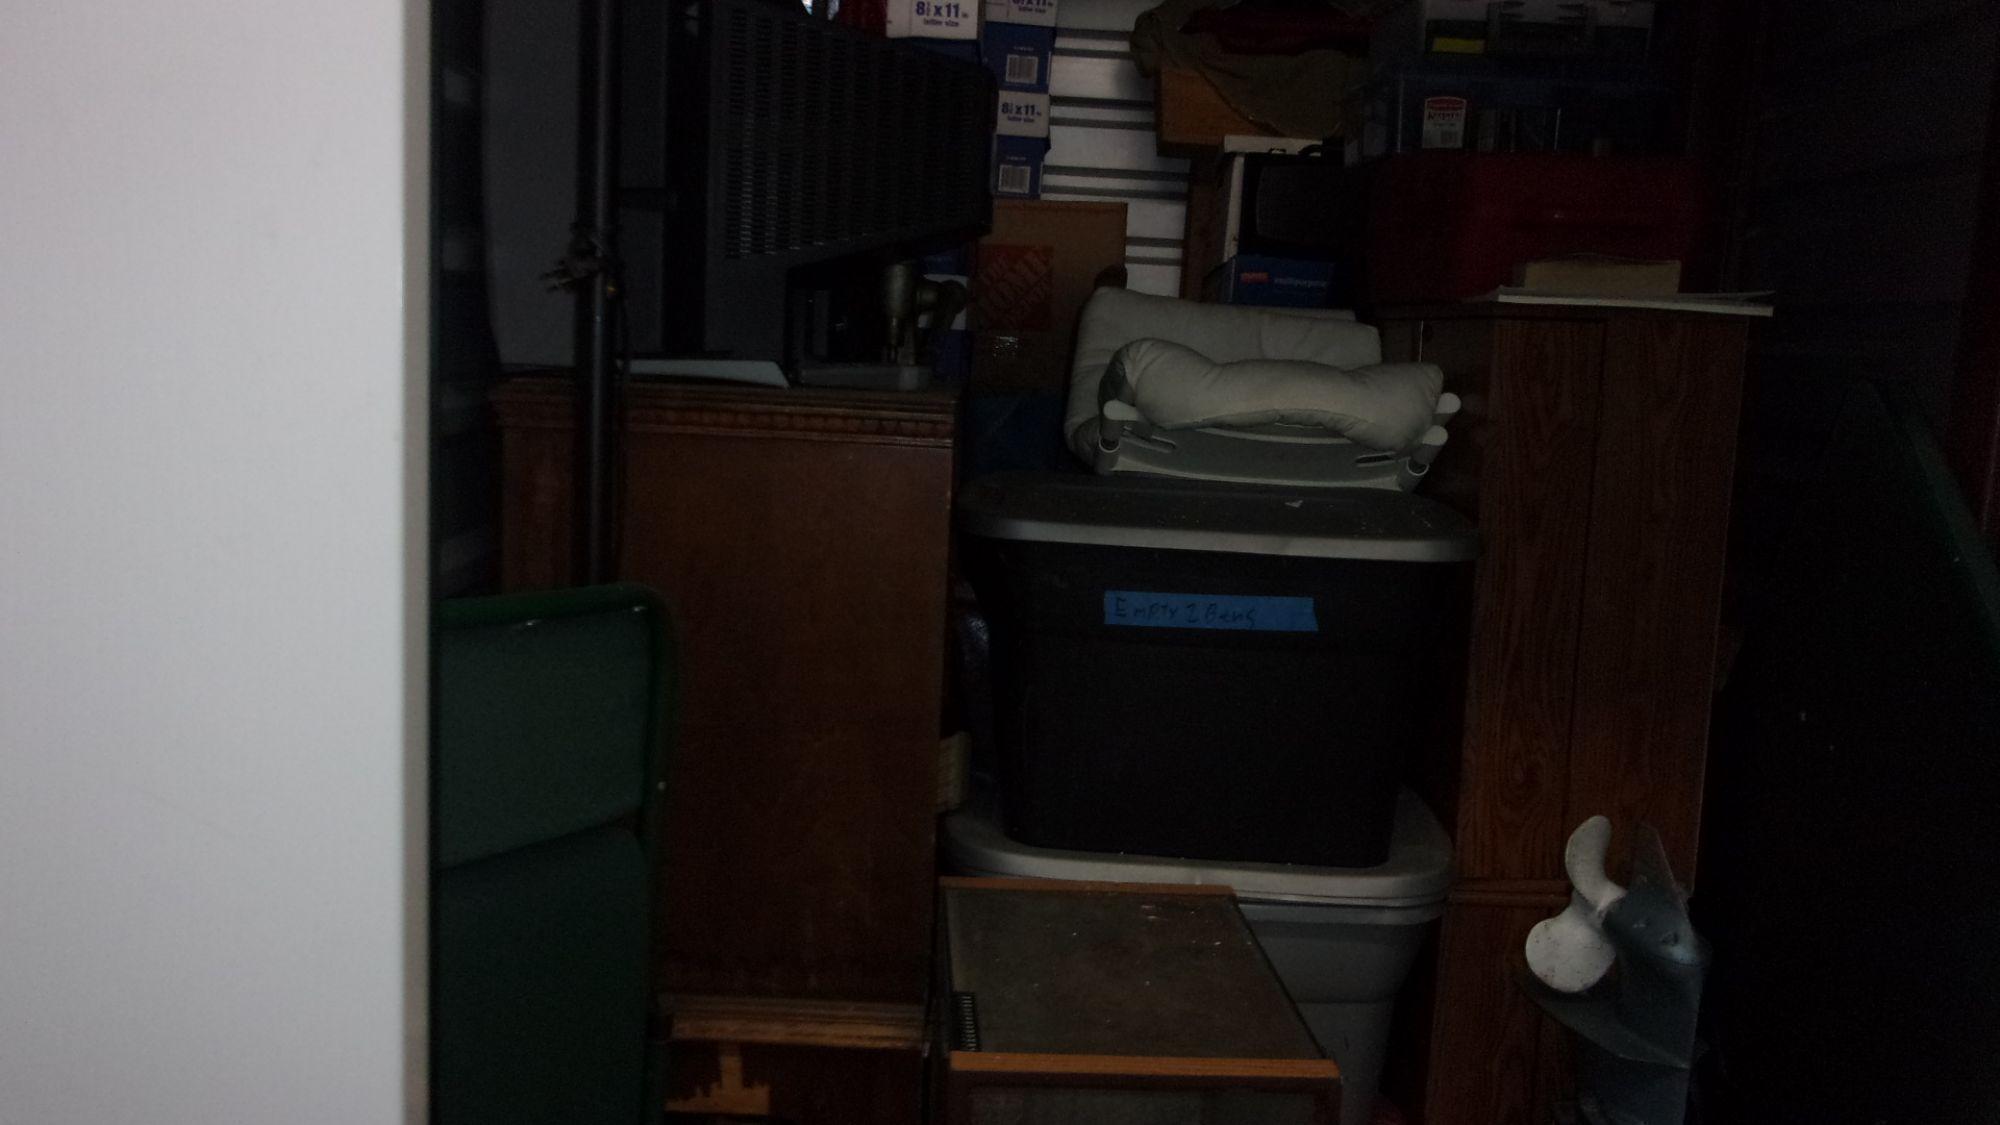 Storage Unit Auction 548044 West Palm Beach Fl & Storage Units In West Palm Beach Florida - Listitdallas